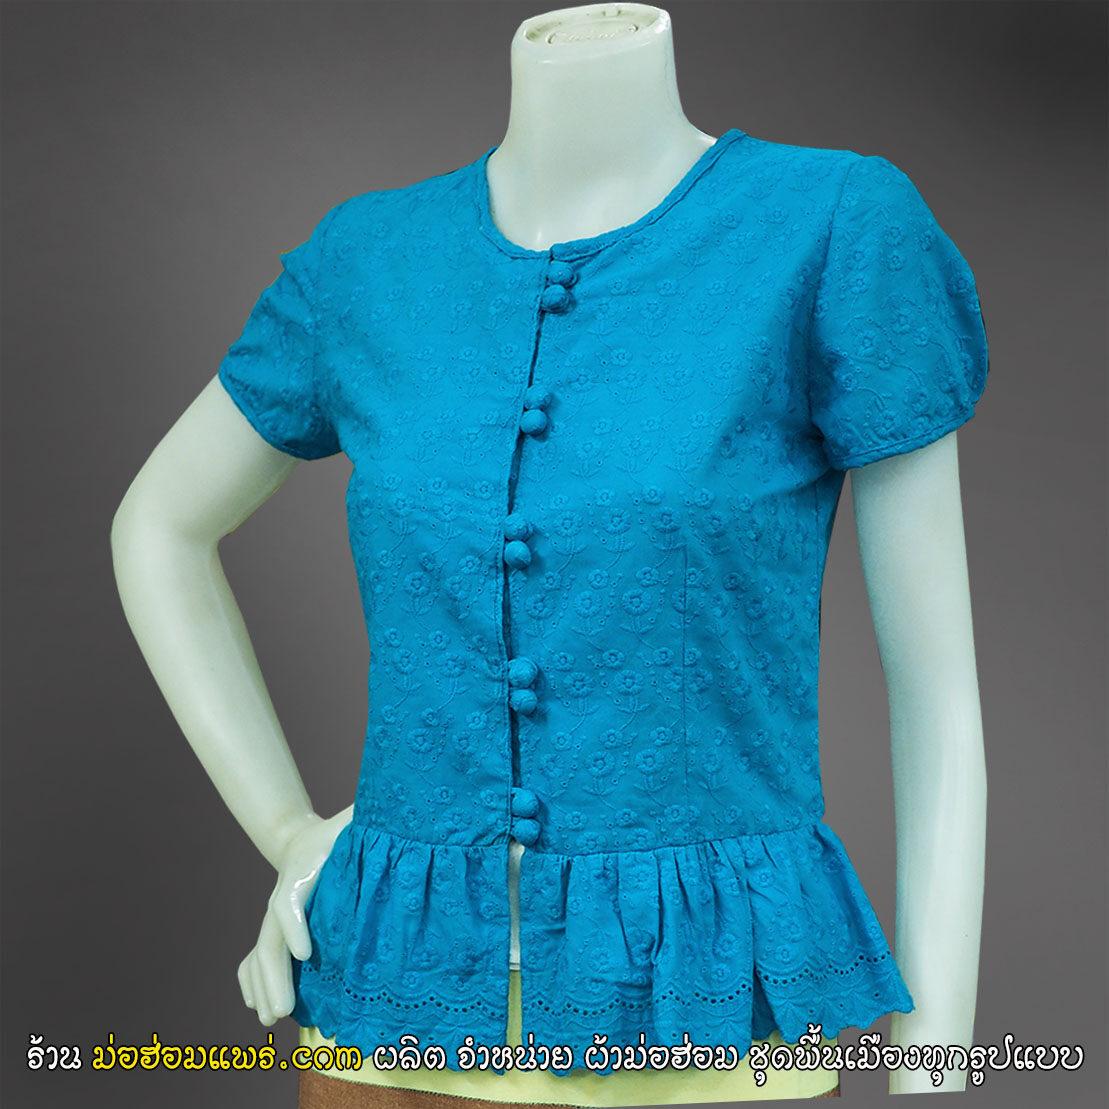 เสื้อสีฟ้า สีฟ้าเข้ม วันแม่ ลูกไม้อย่างดี คอกลม ชายระบาย กระดุมปั้ม แขนสั้น (เสื้อแมท).